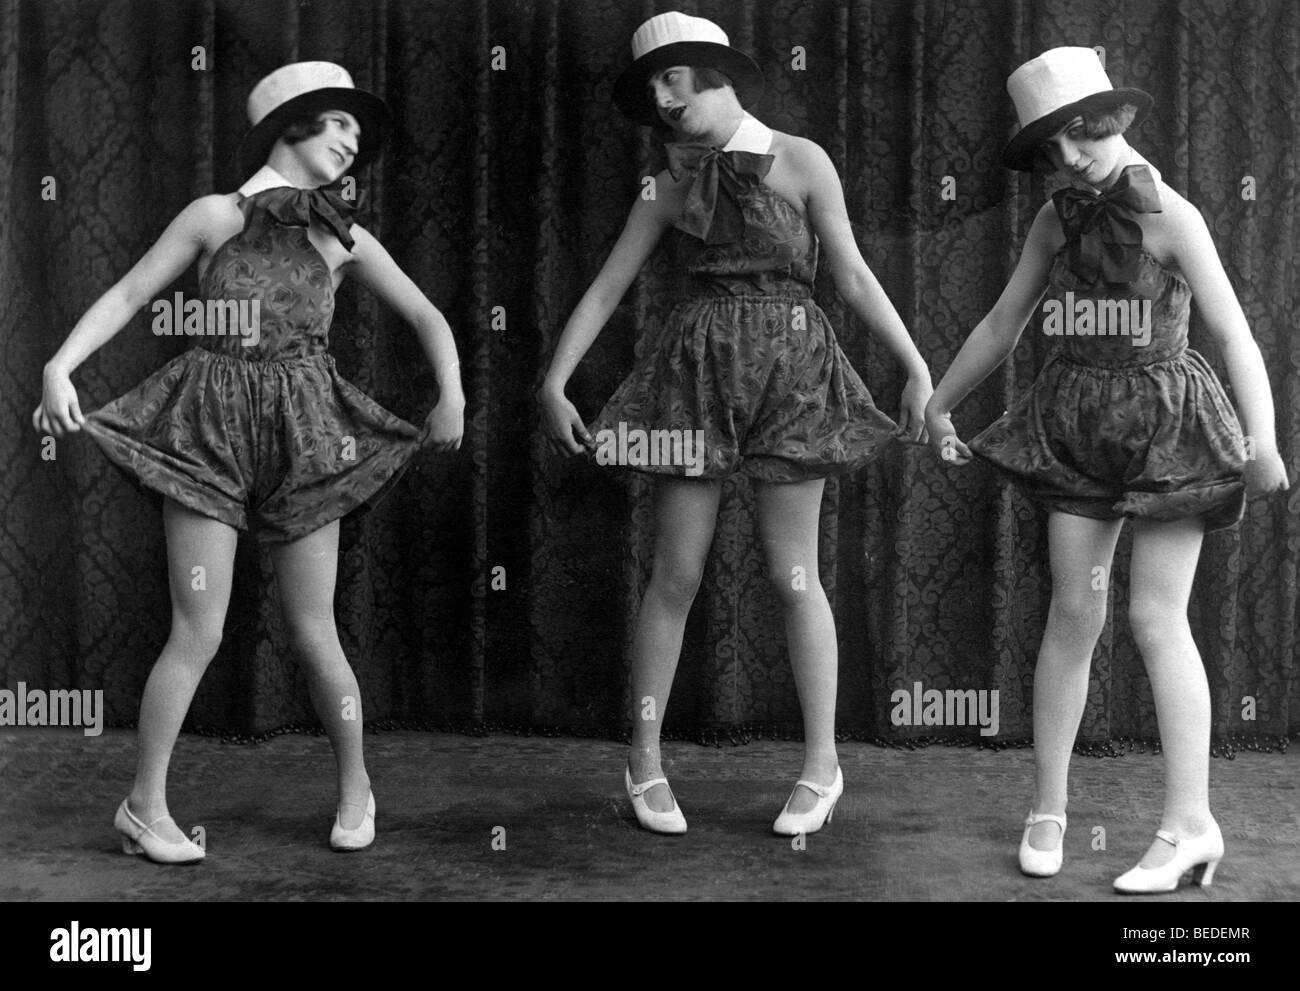 Photographie historique, trois femmes faisant le twist, autour de 1925 Photo Stock